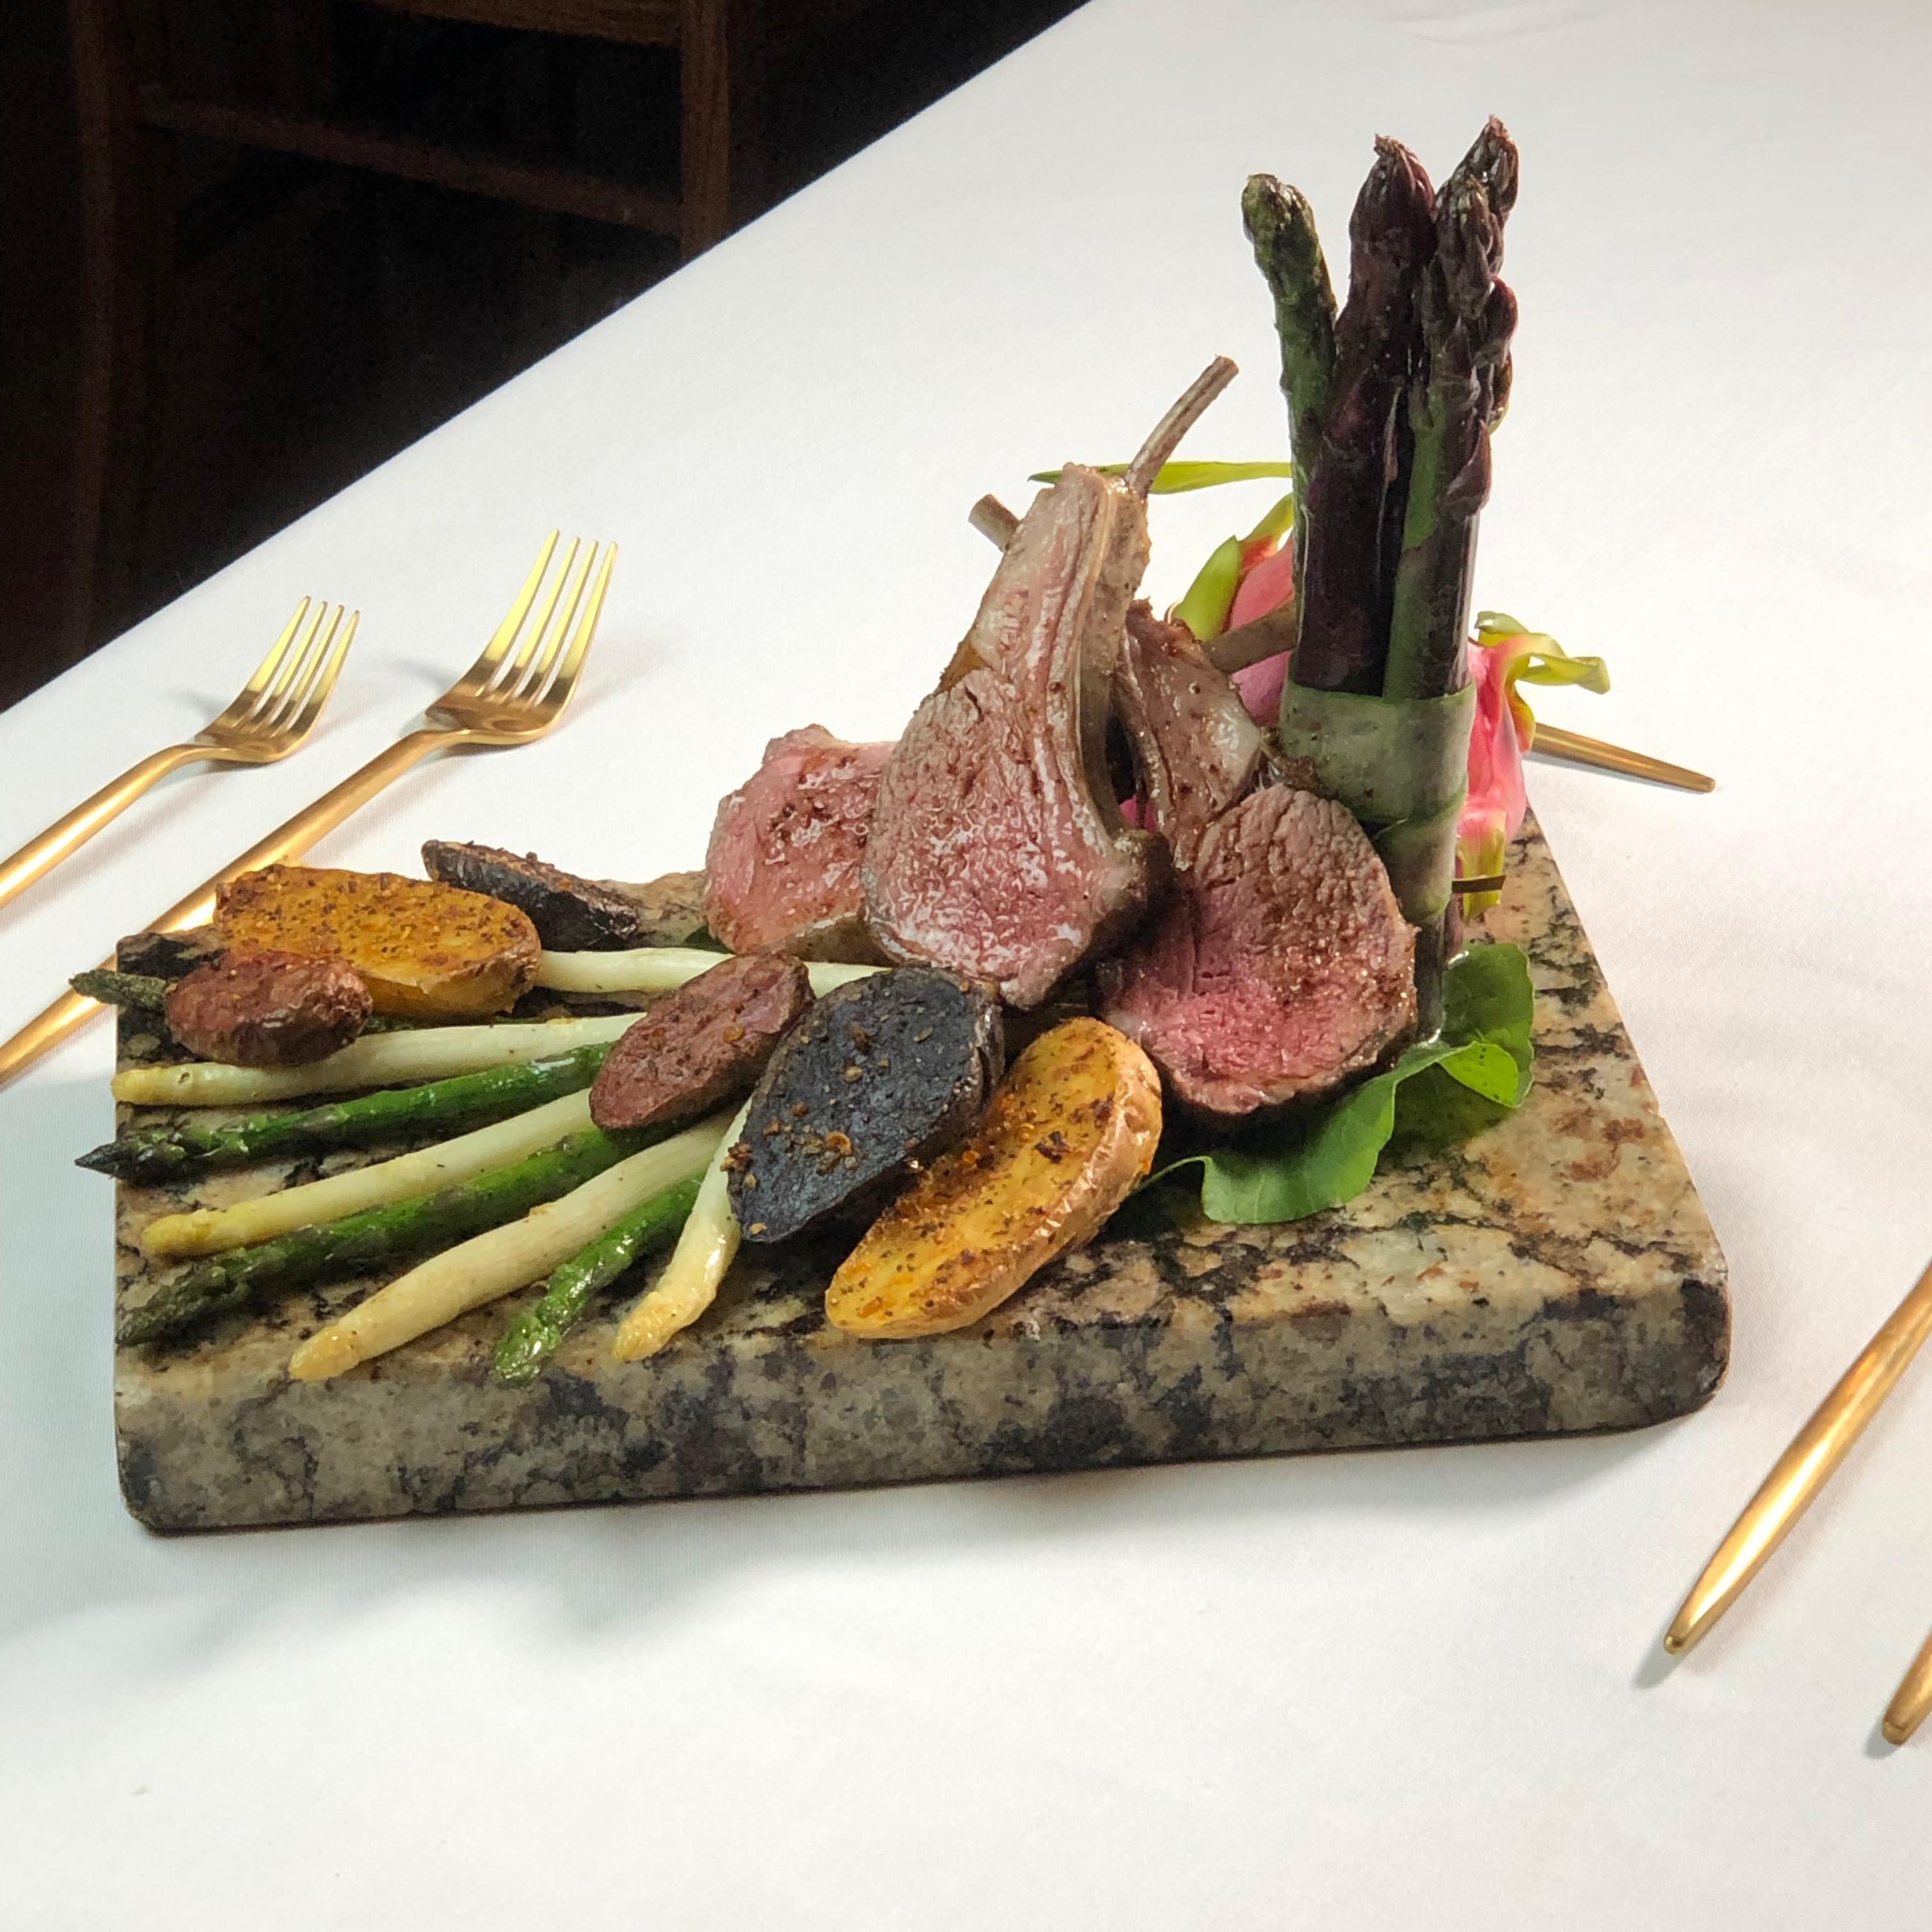 Chef Bob's Lamb Chops